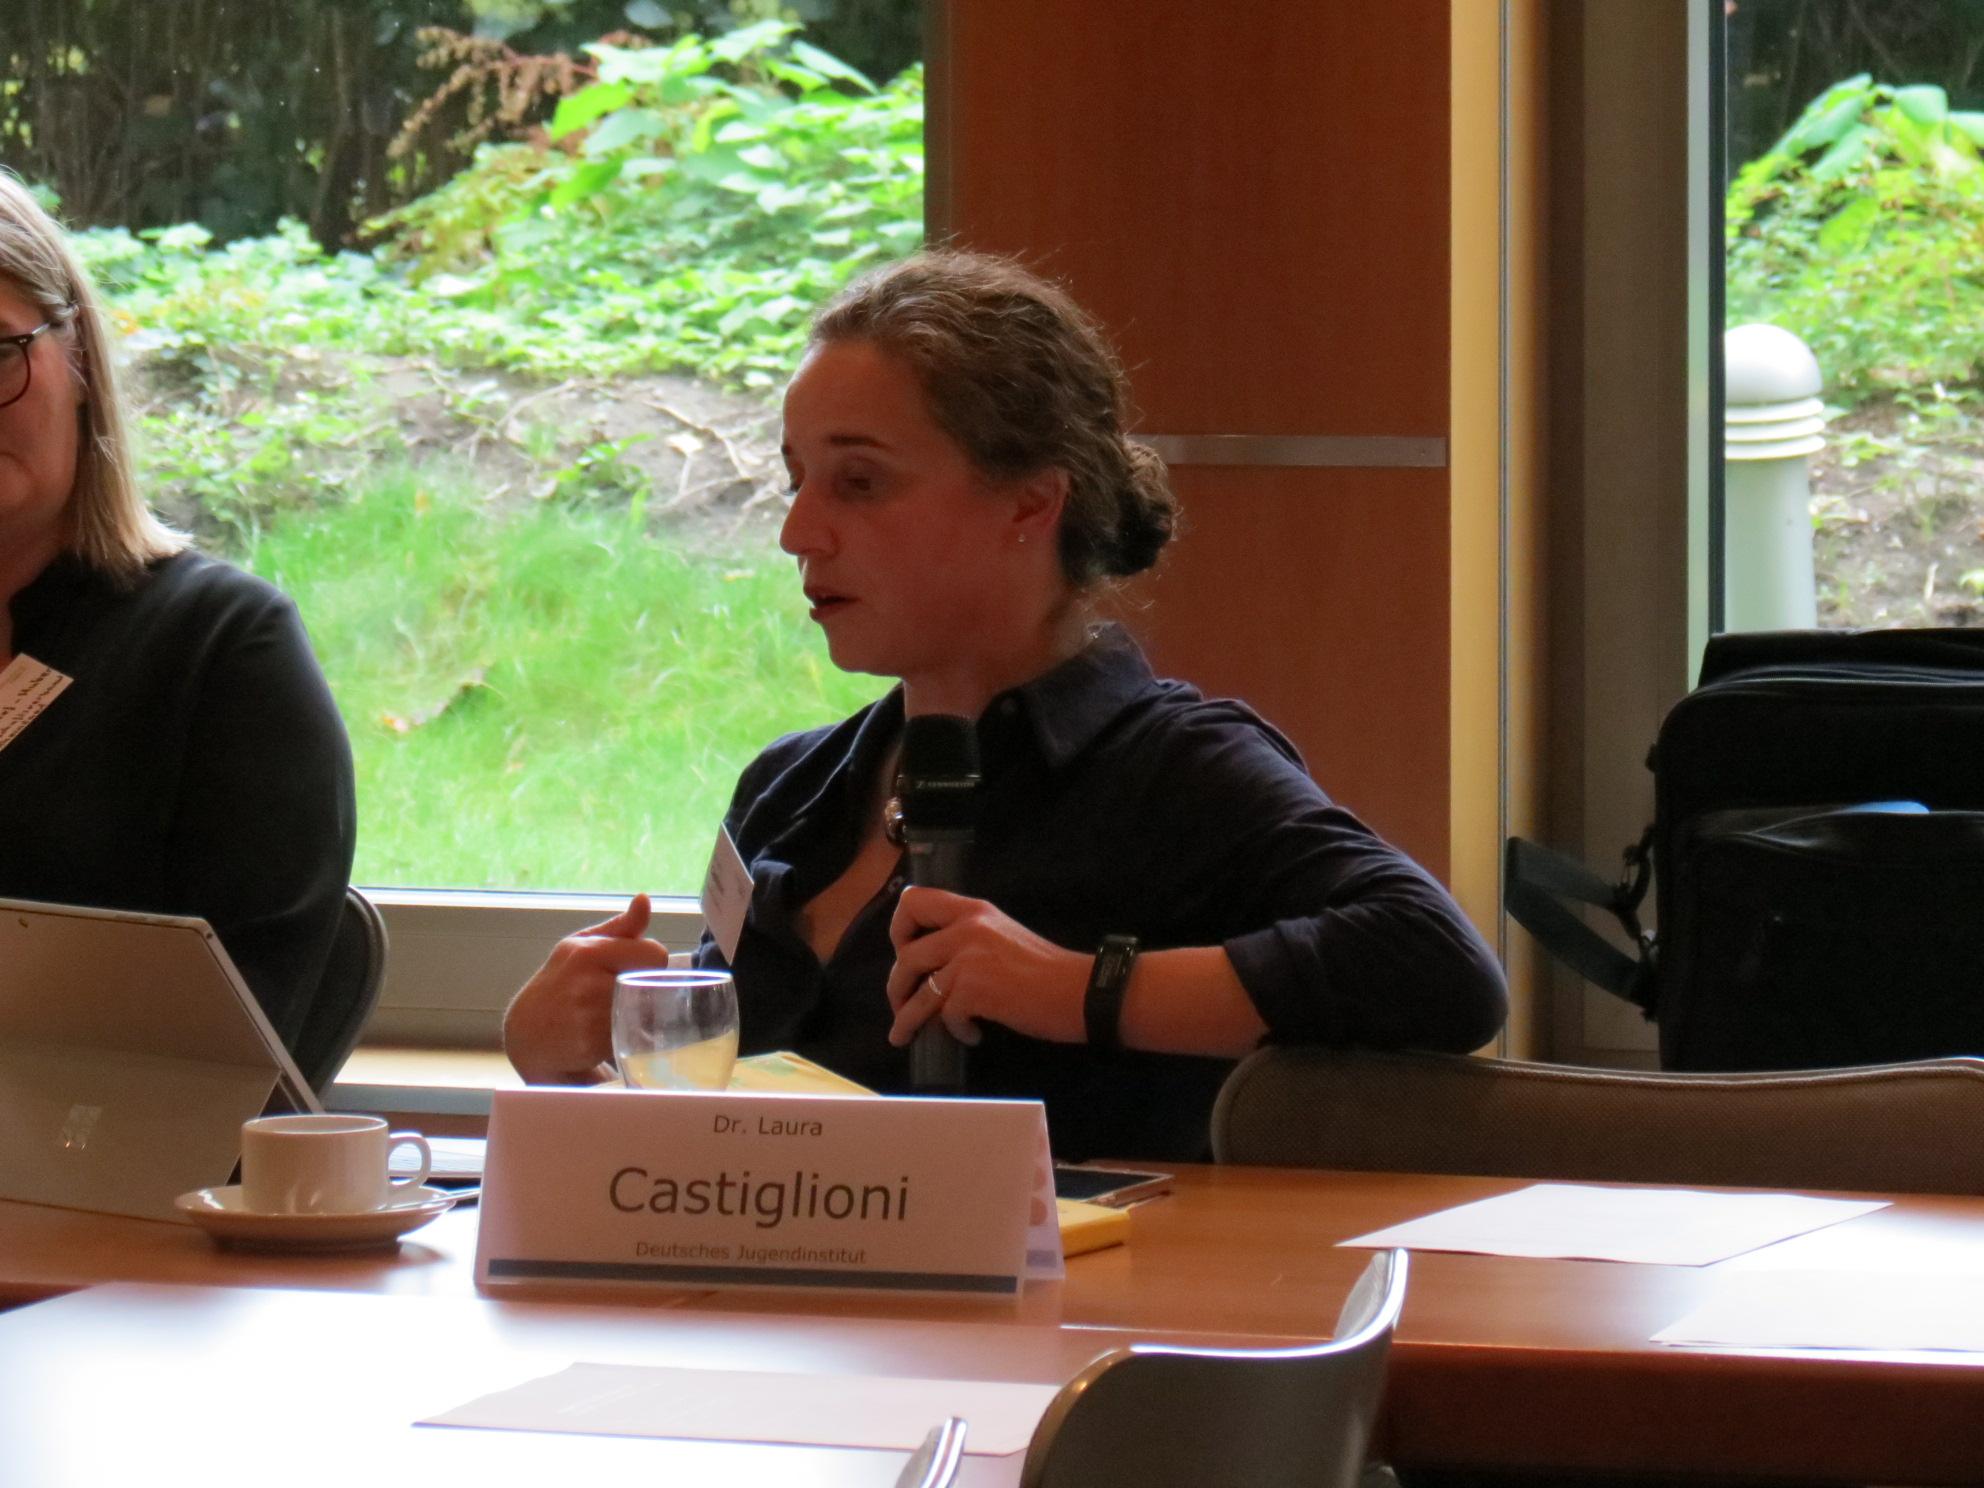 Dr. Laura Castiglioni (Deutsches Jugendinstitut)